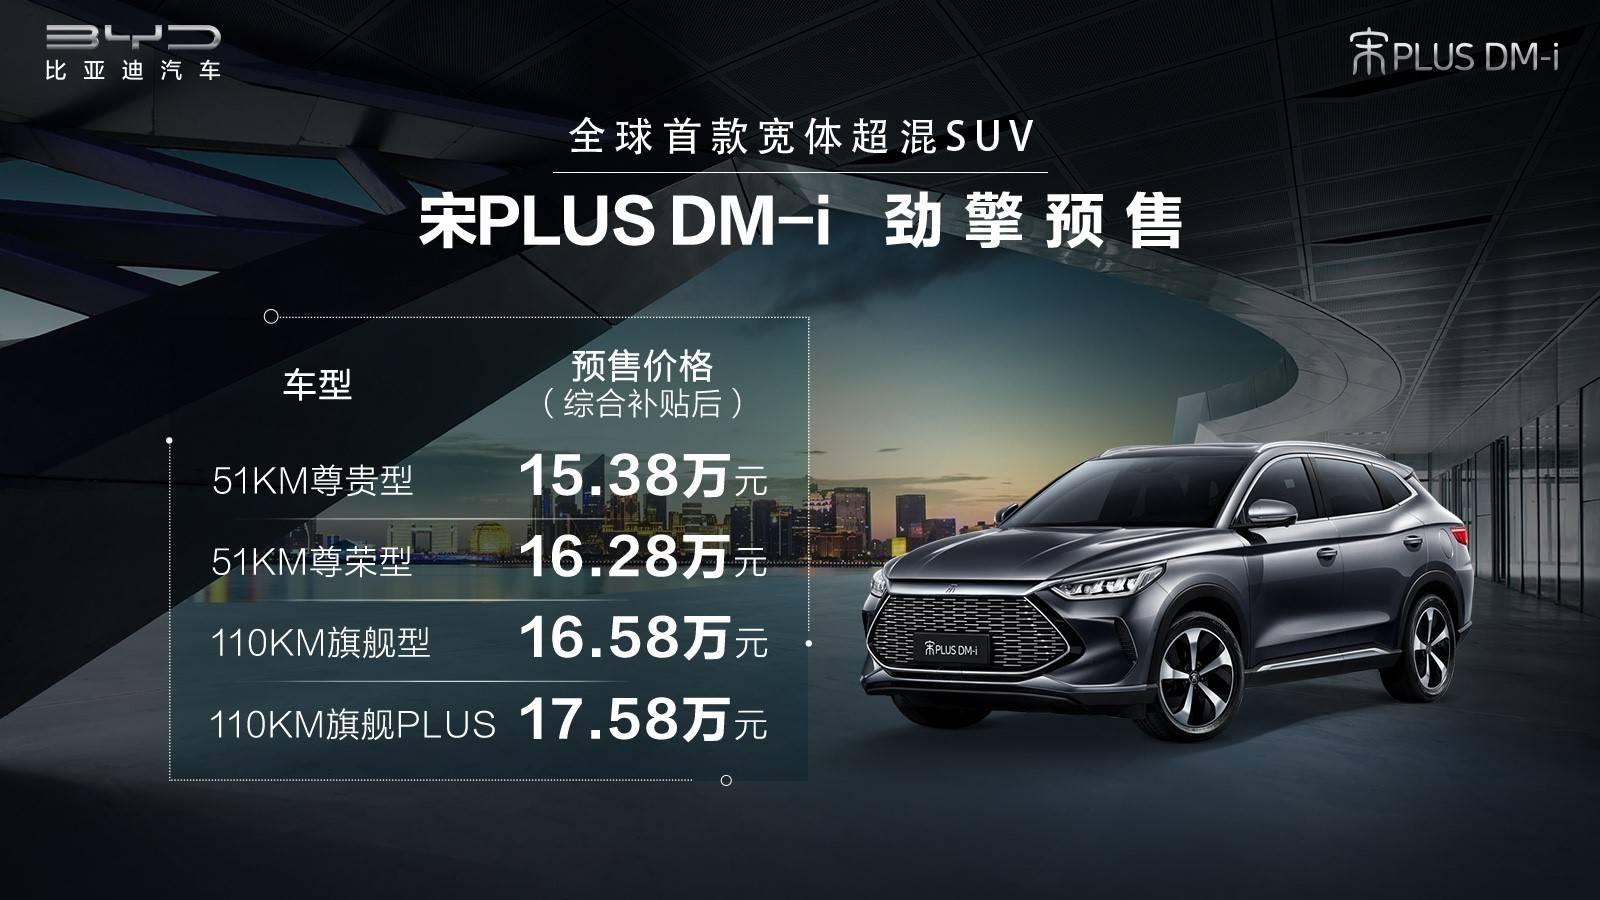 比亚迪宋PLUS DM-i开启预售 定价15.38-17.58万元